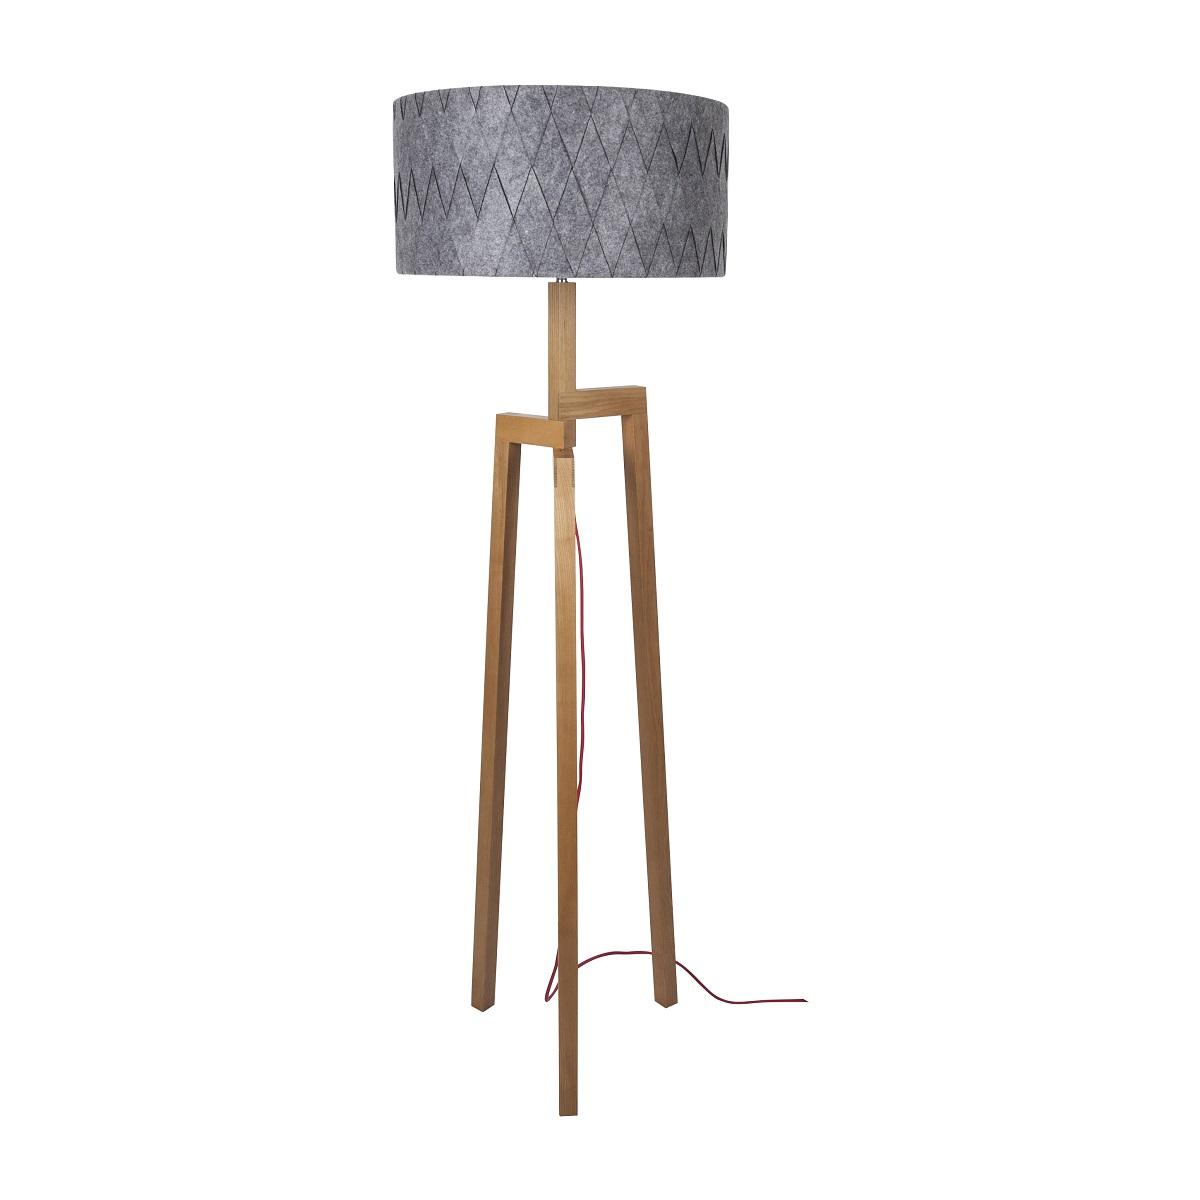 lampenhelden vandeheg stehleuchte aleo grey holz filz 50 x h175cm max 60 watt online kaufen. Black Bedroom Furniture Sets. Home Design Ideas